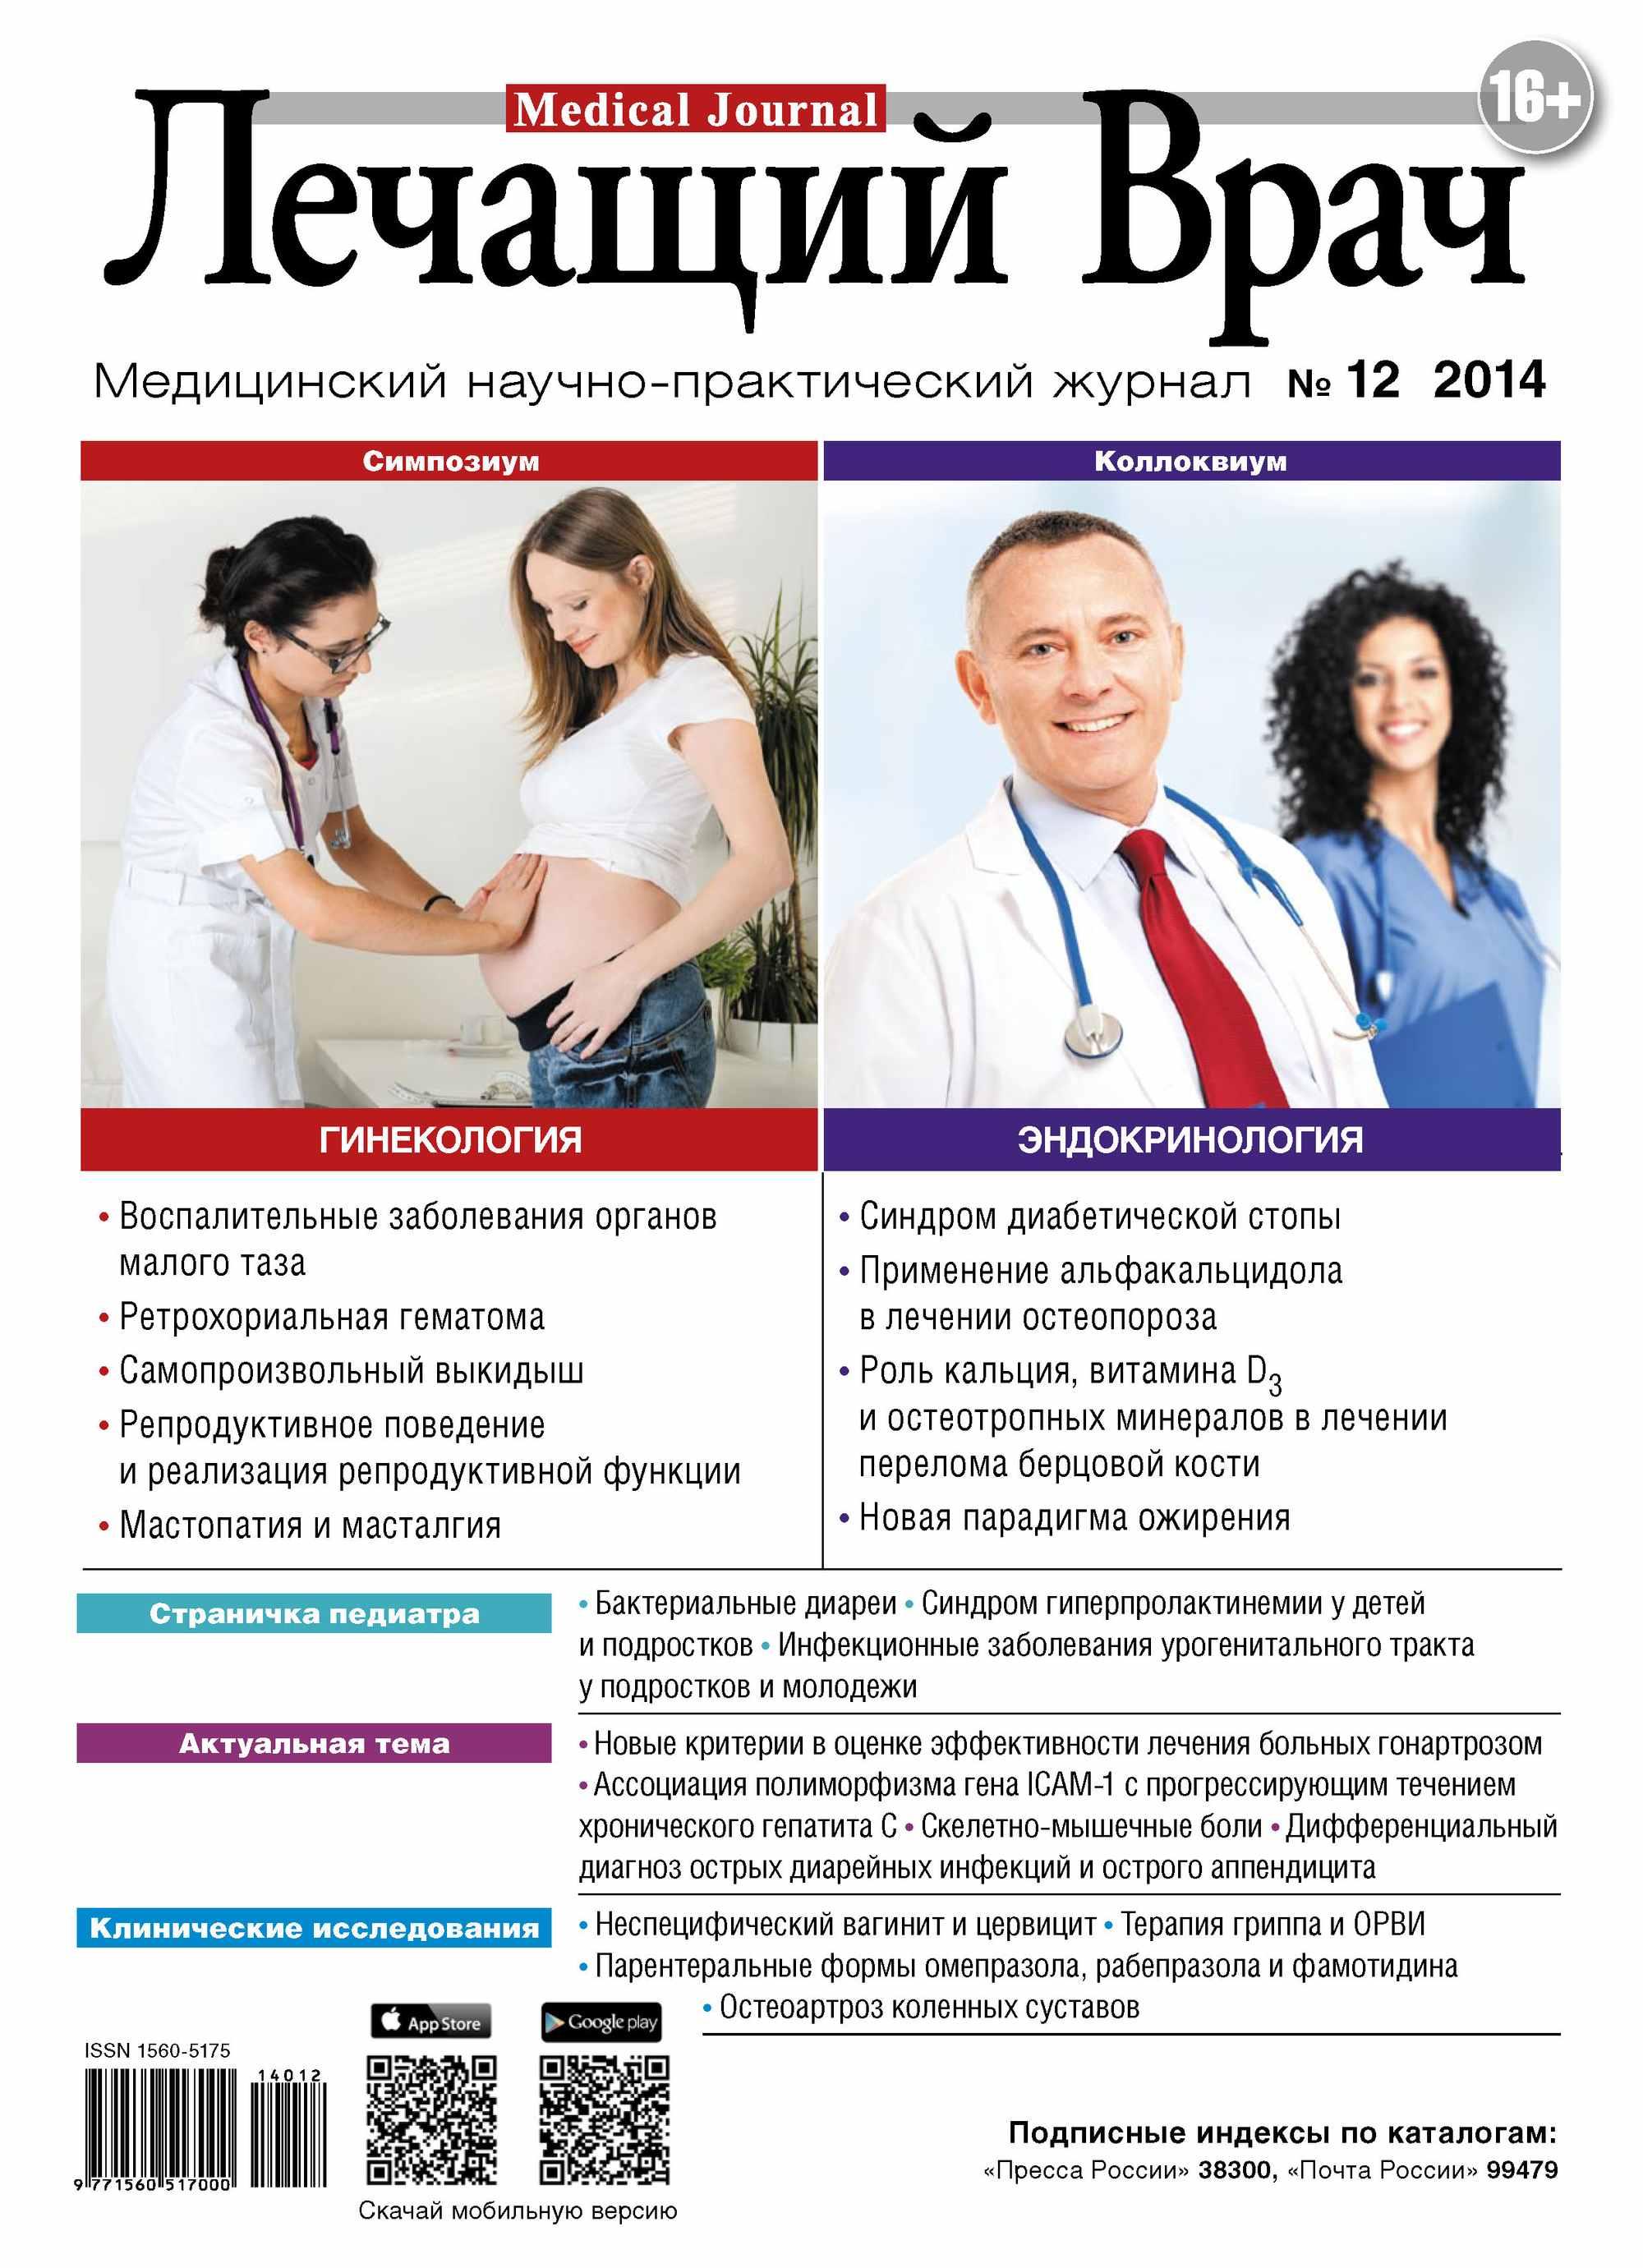 Открытые системы Журнал «Лечащий Врач» №12/2014